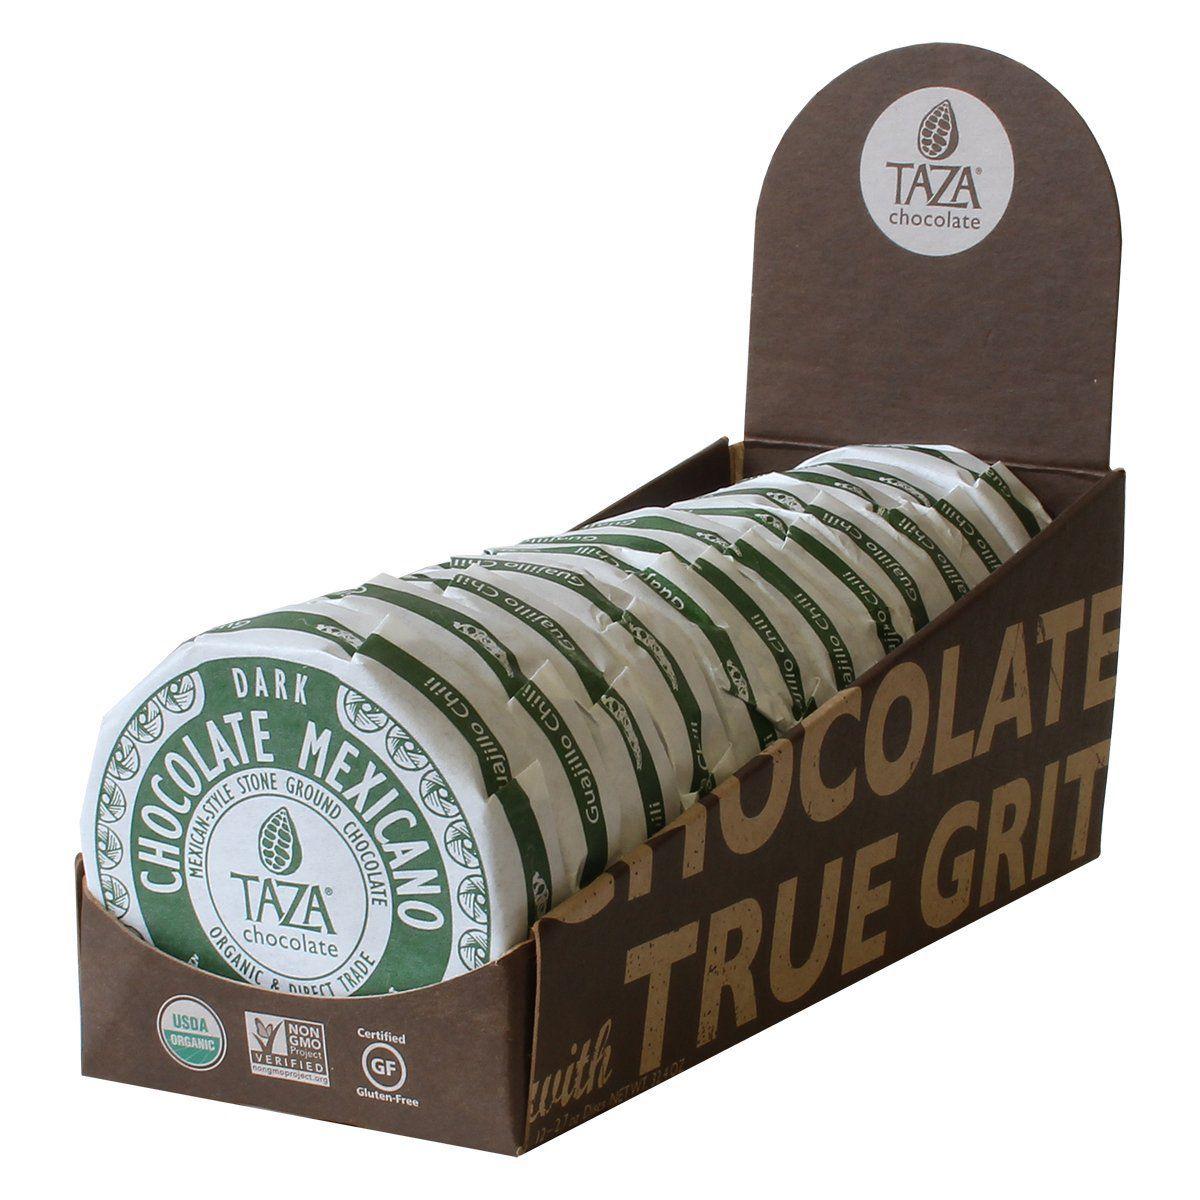 Taza Chocolate Guajillo Chili Mexicano Dark Chocolate Discs